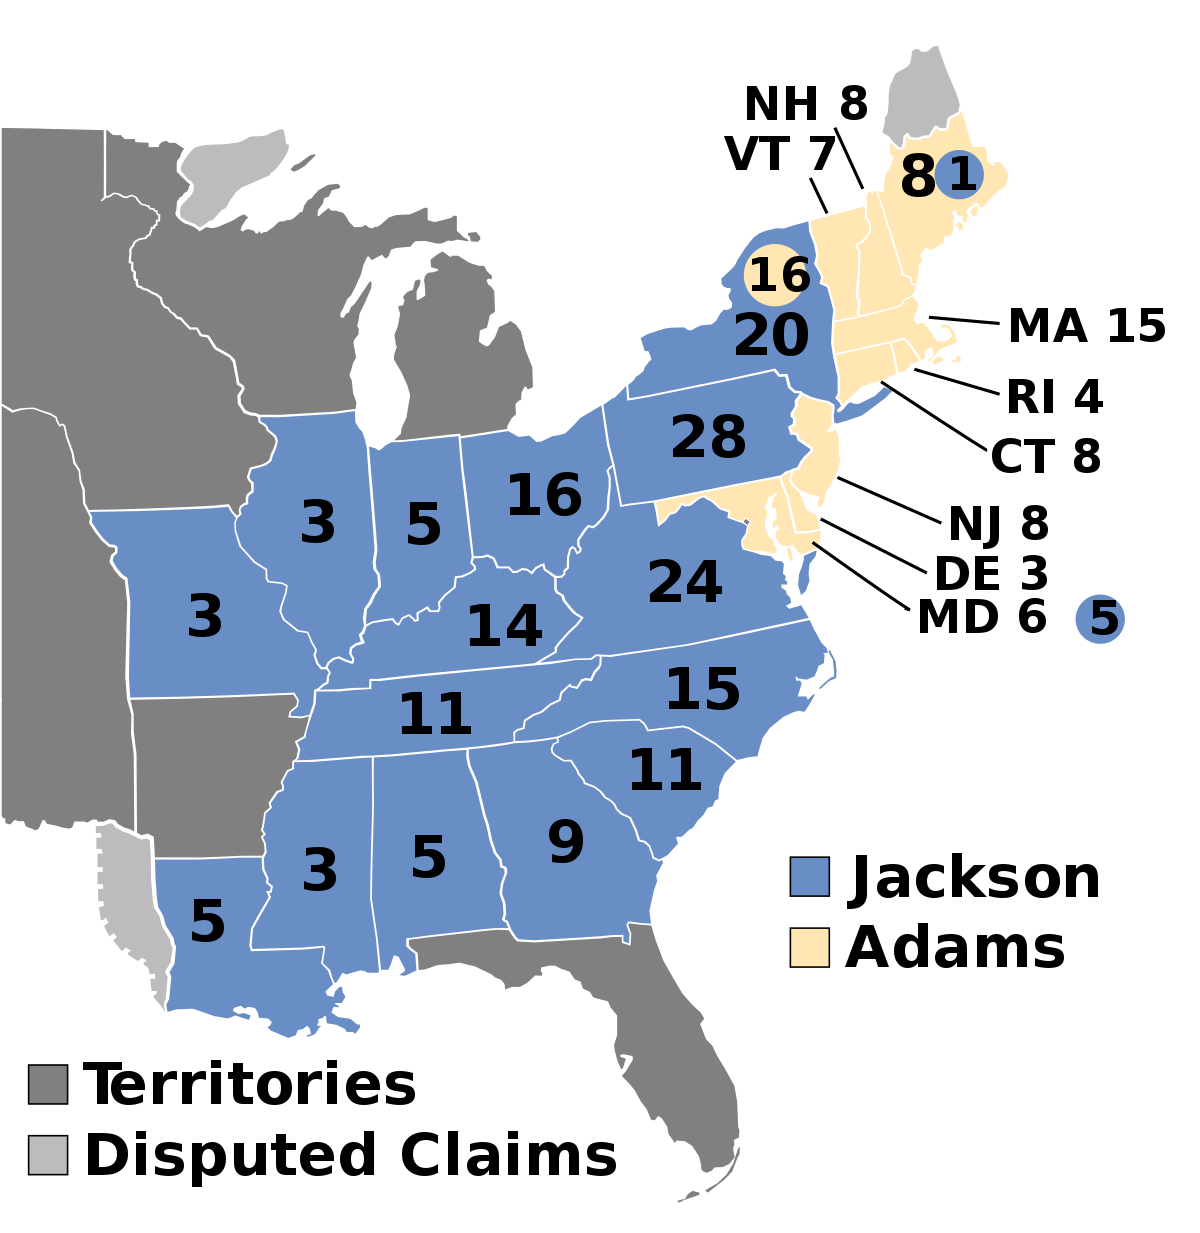 09.25.1828 electoral